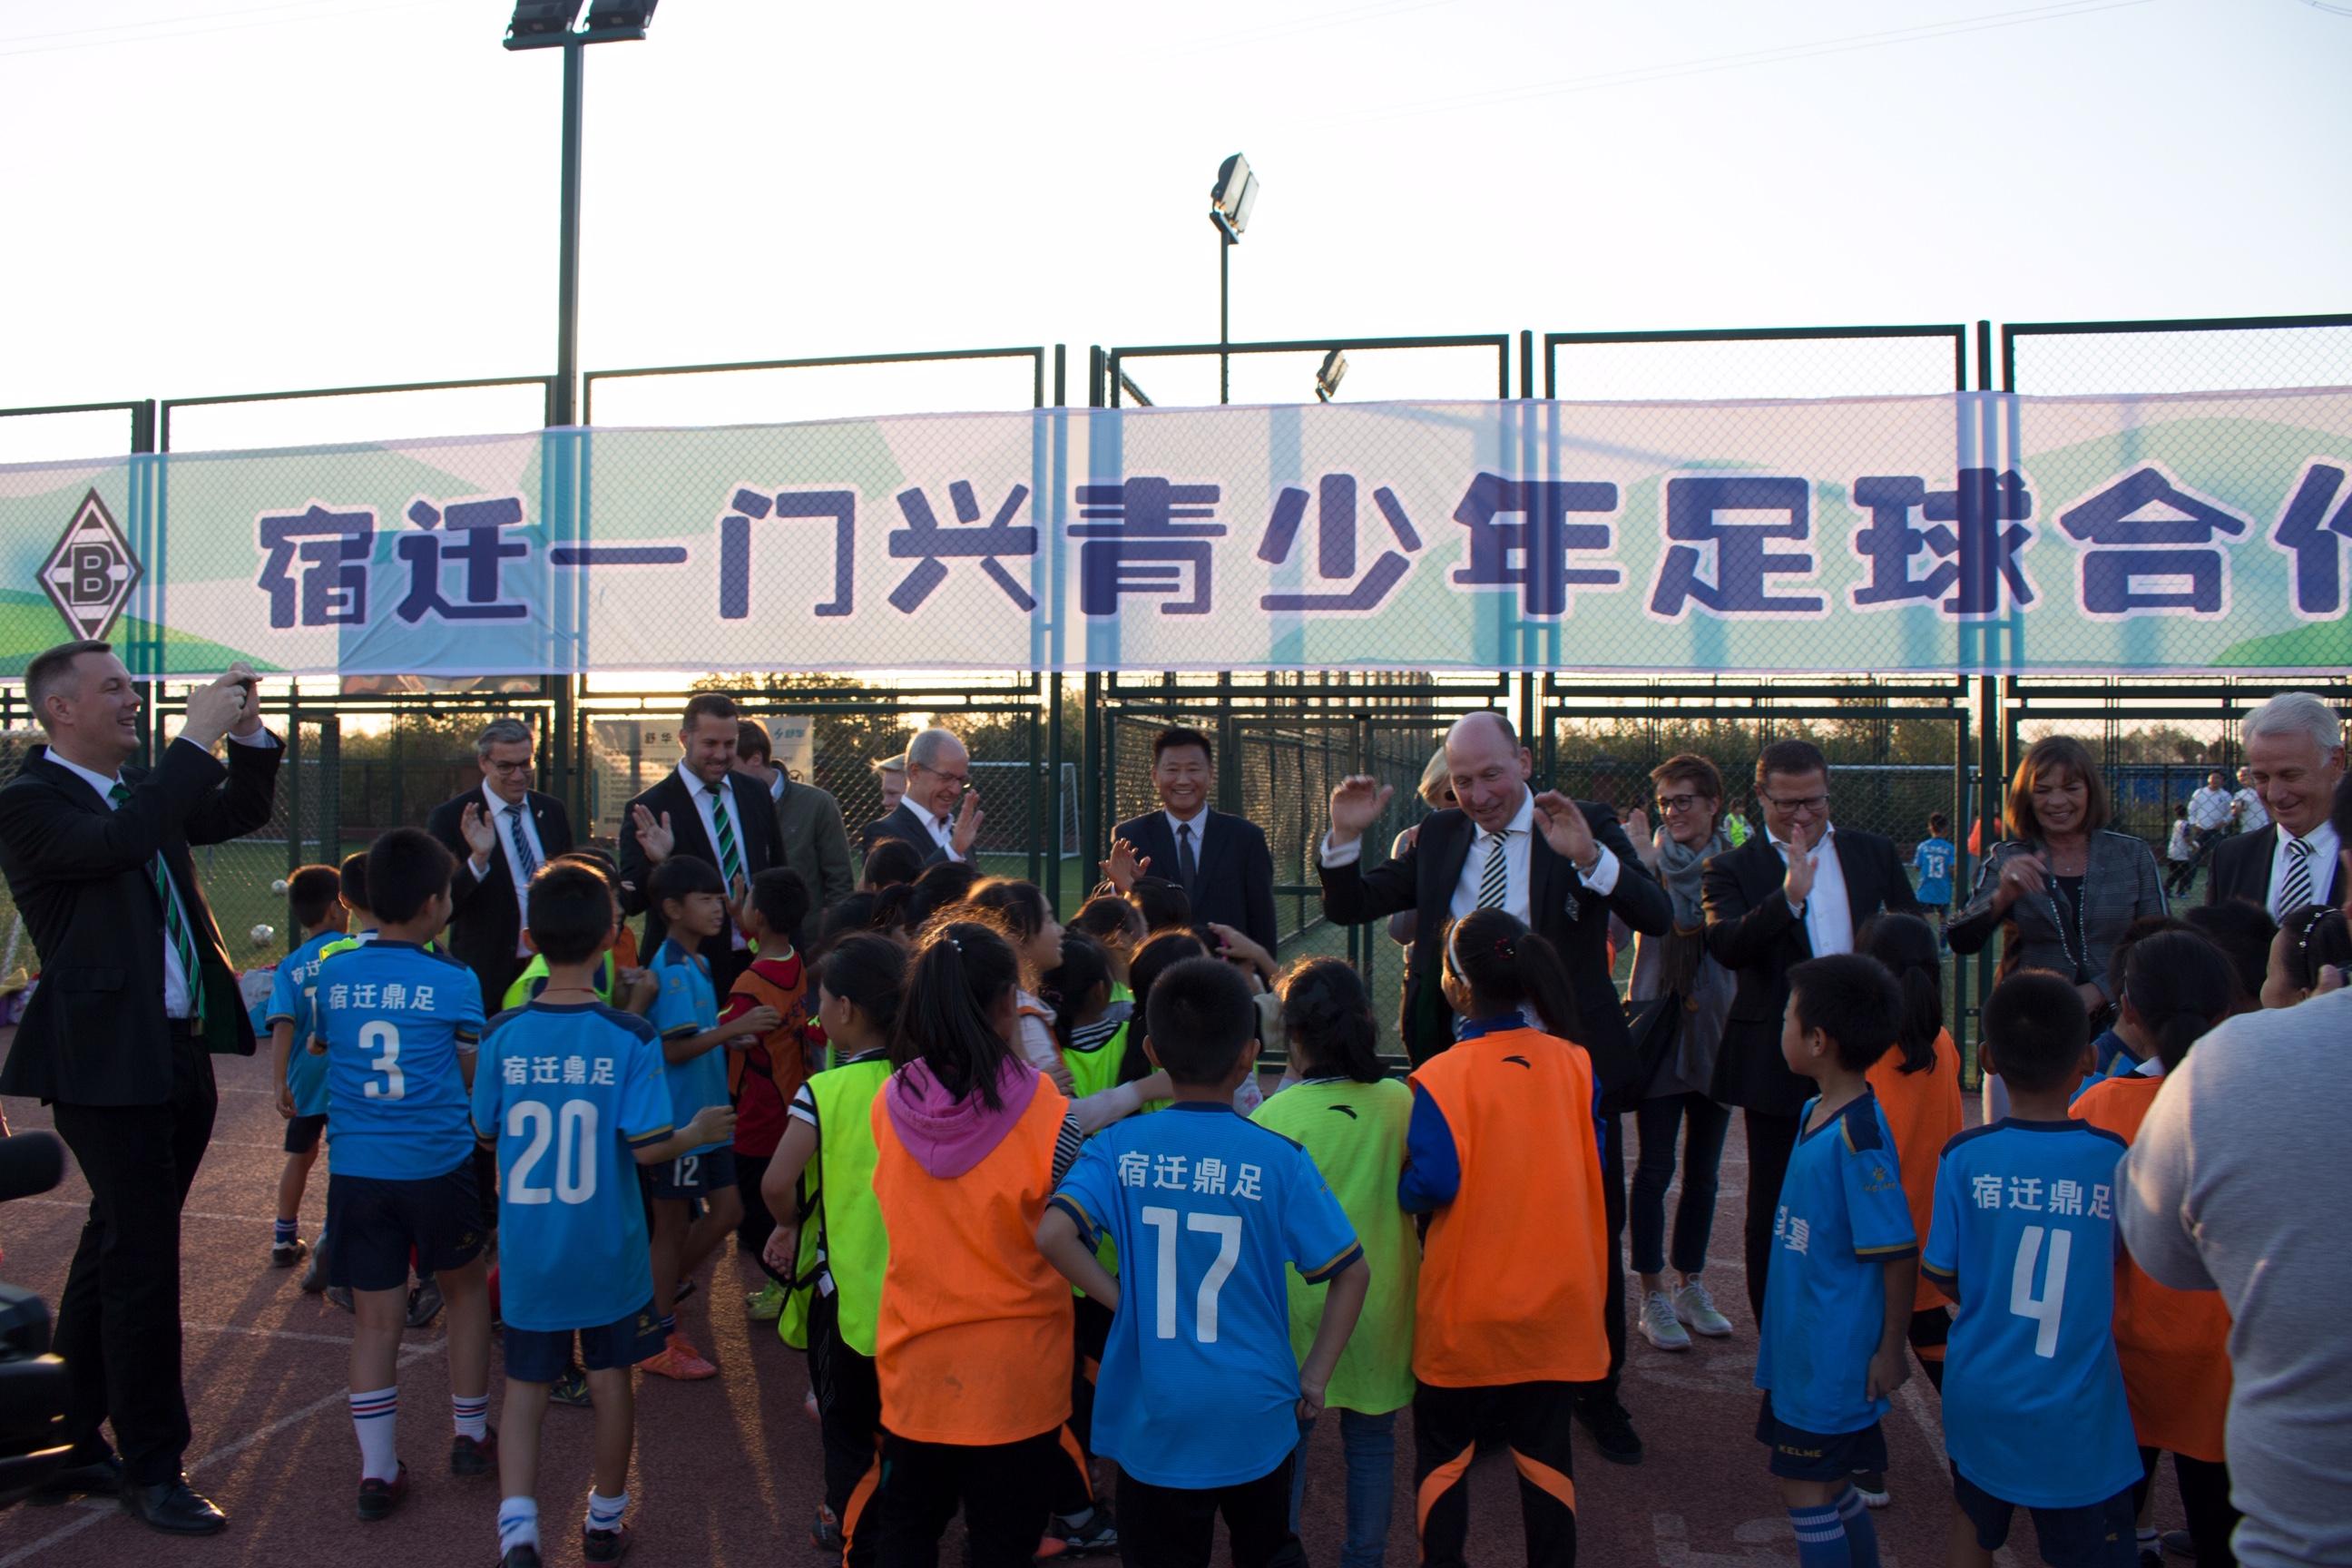 Startschuss des Schulprojektes in Suqian im Oktober 2018: Repräsentanten Borussias mit erwartungsvollen Schülern (Foto: VfL Borussia)